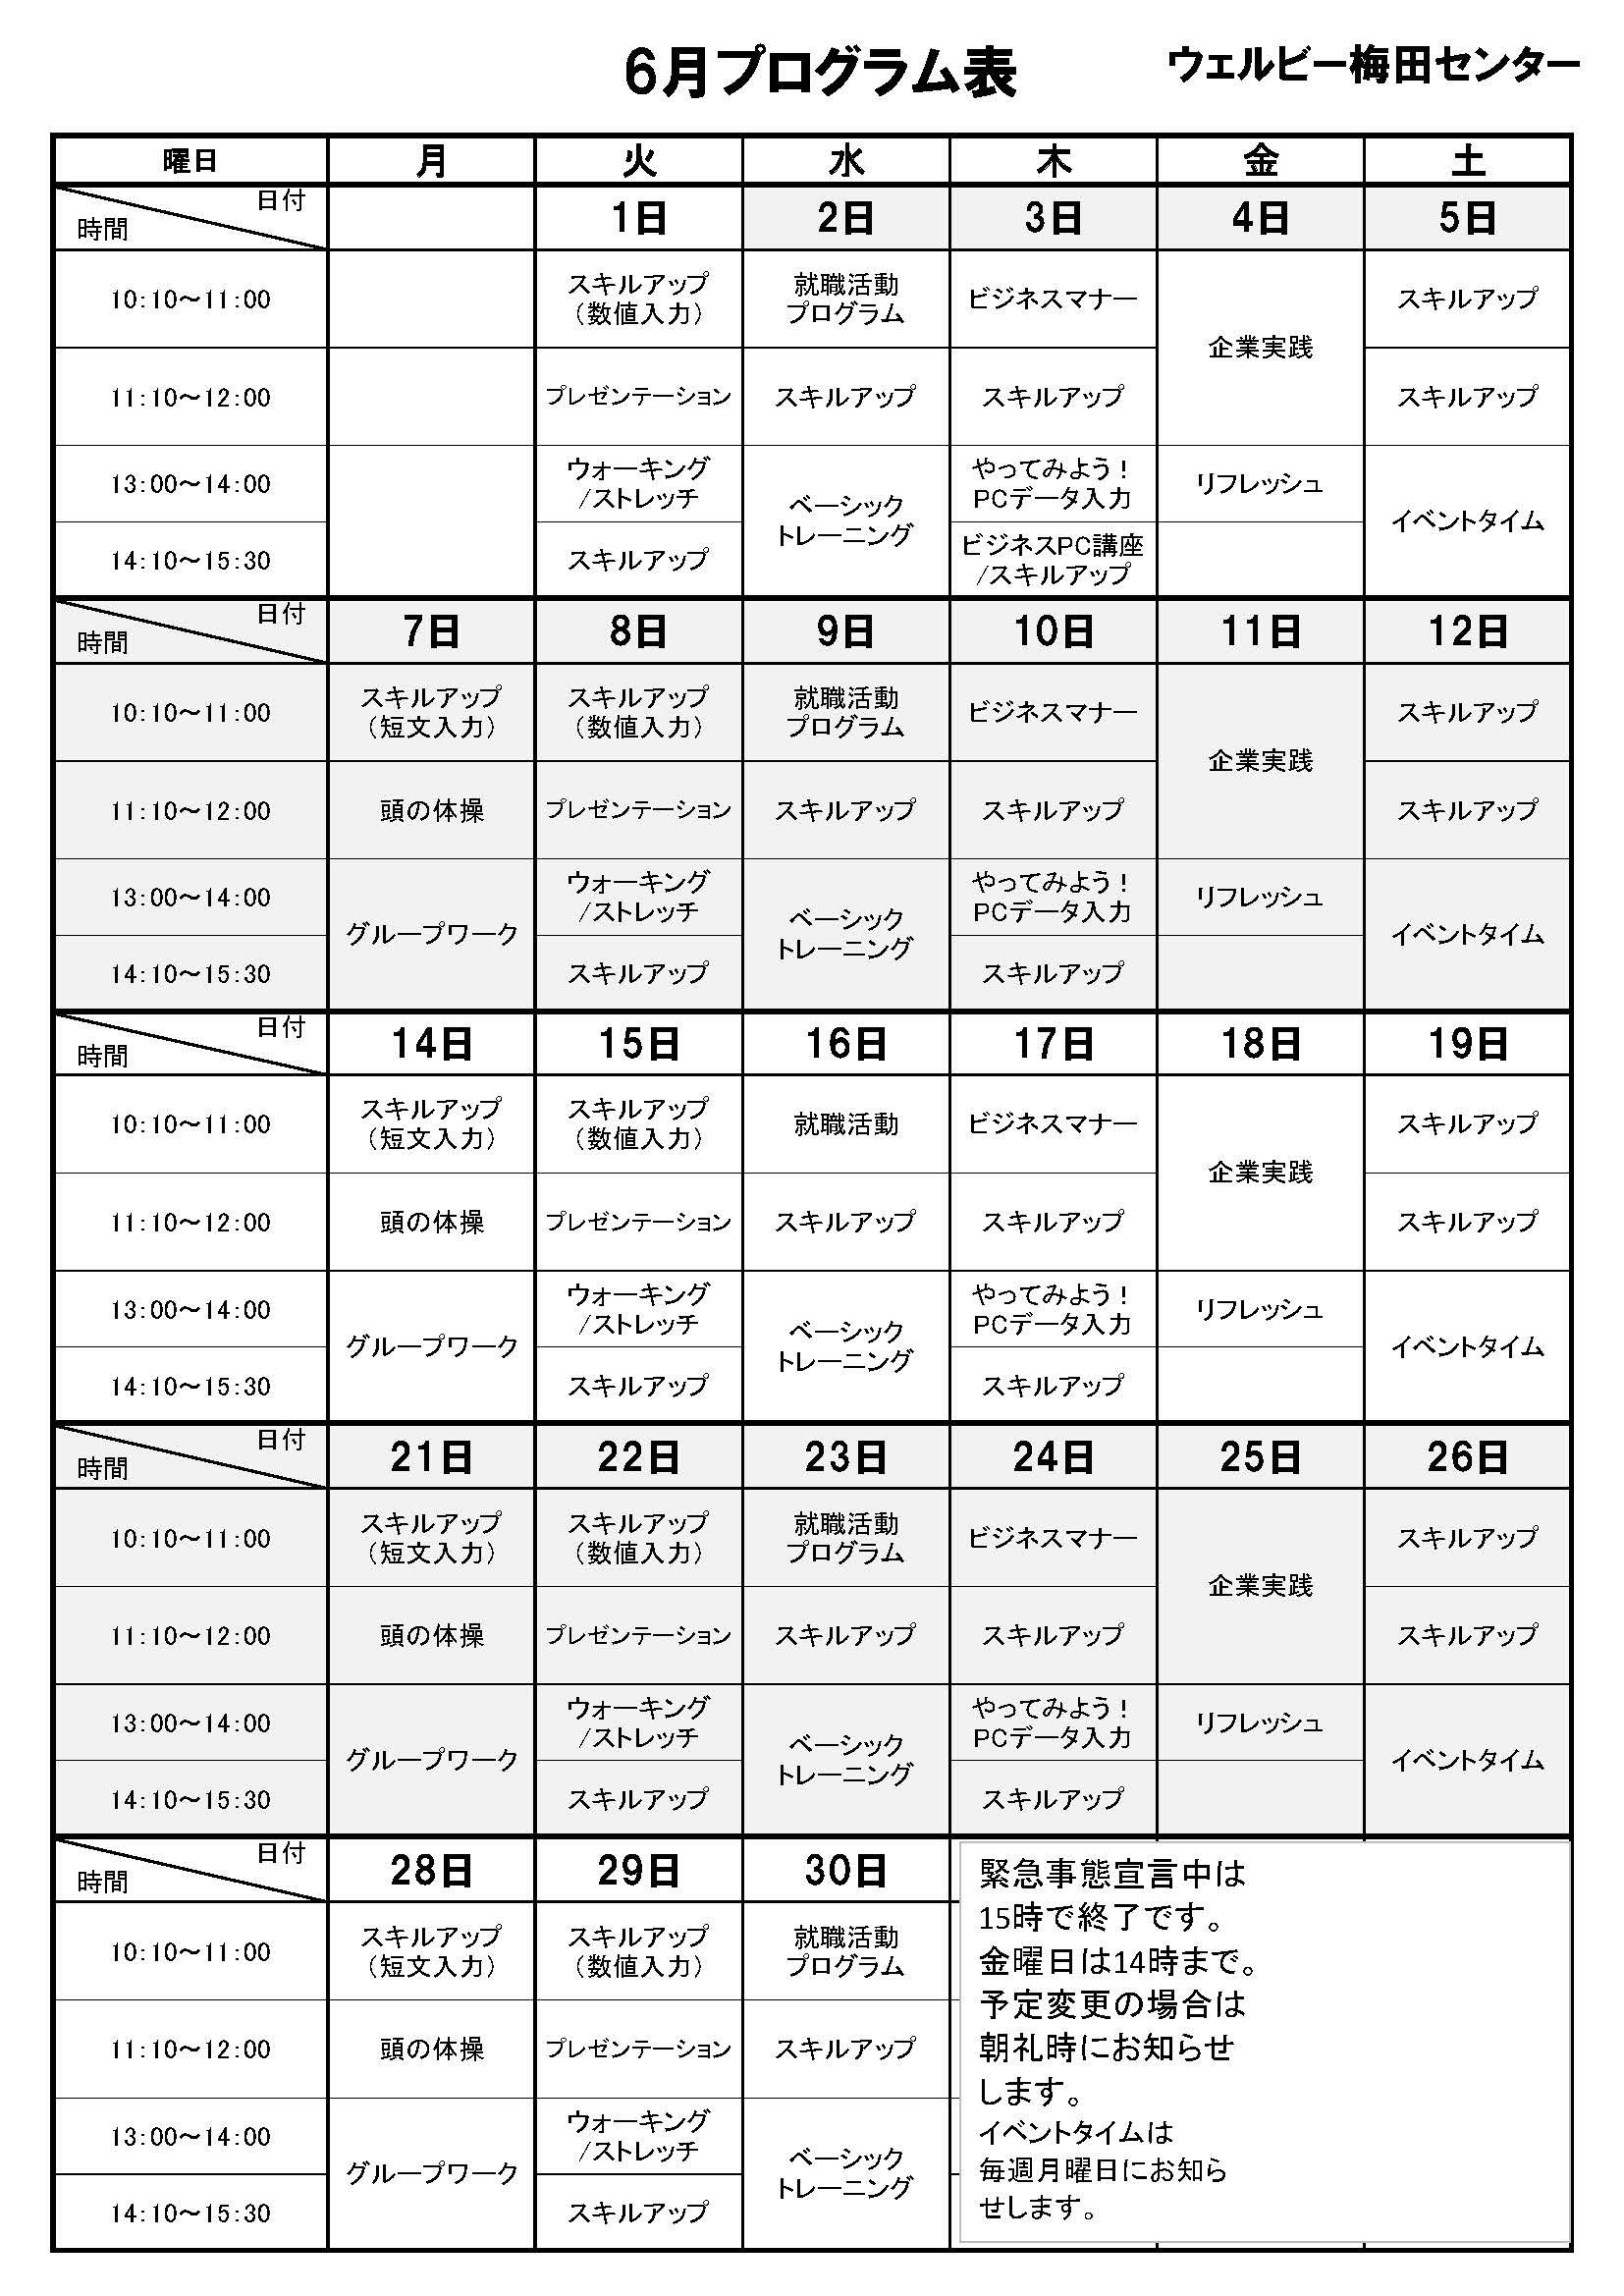 梅田センター新プログラム表mo